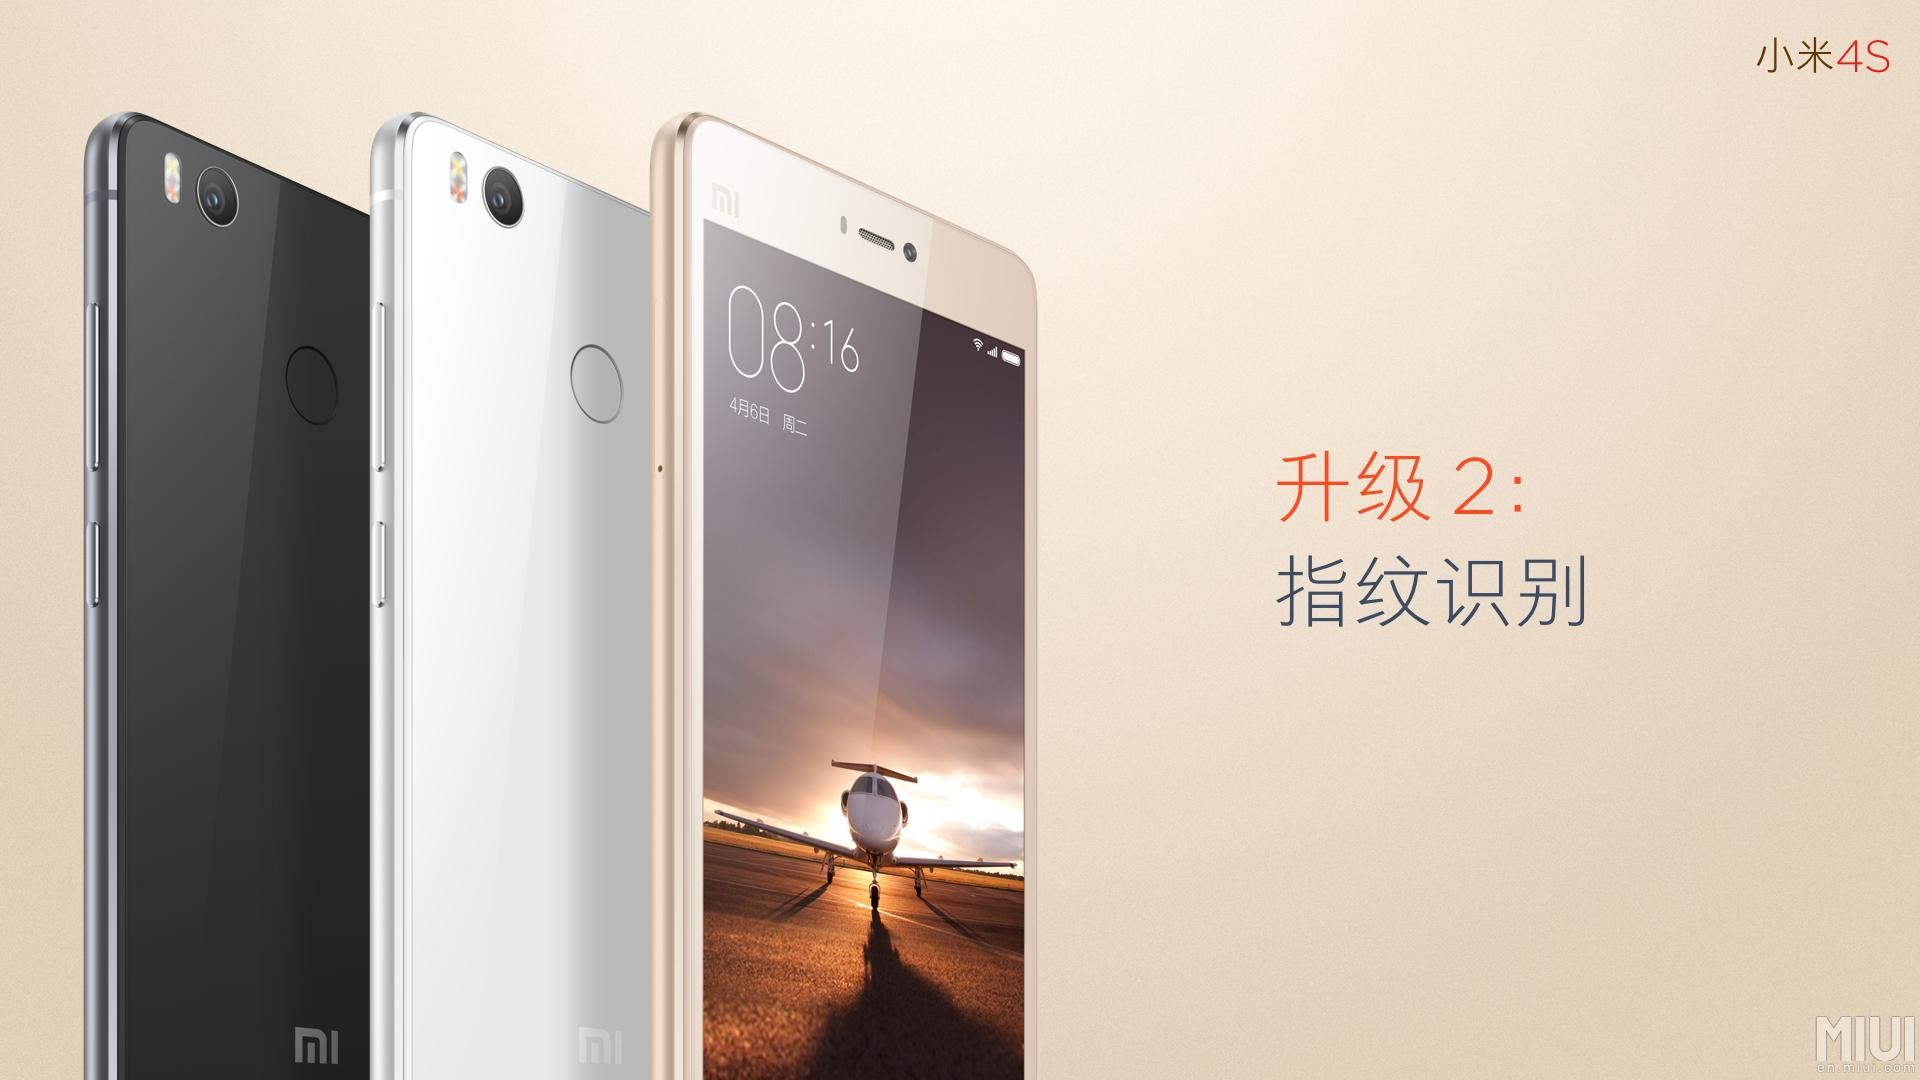 Xiaomi Mi 4S lanzamiento oficial mwc 2016 1